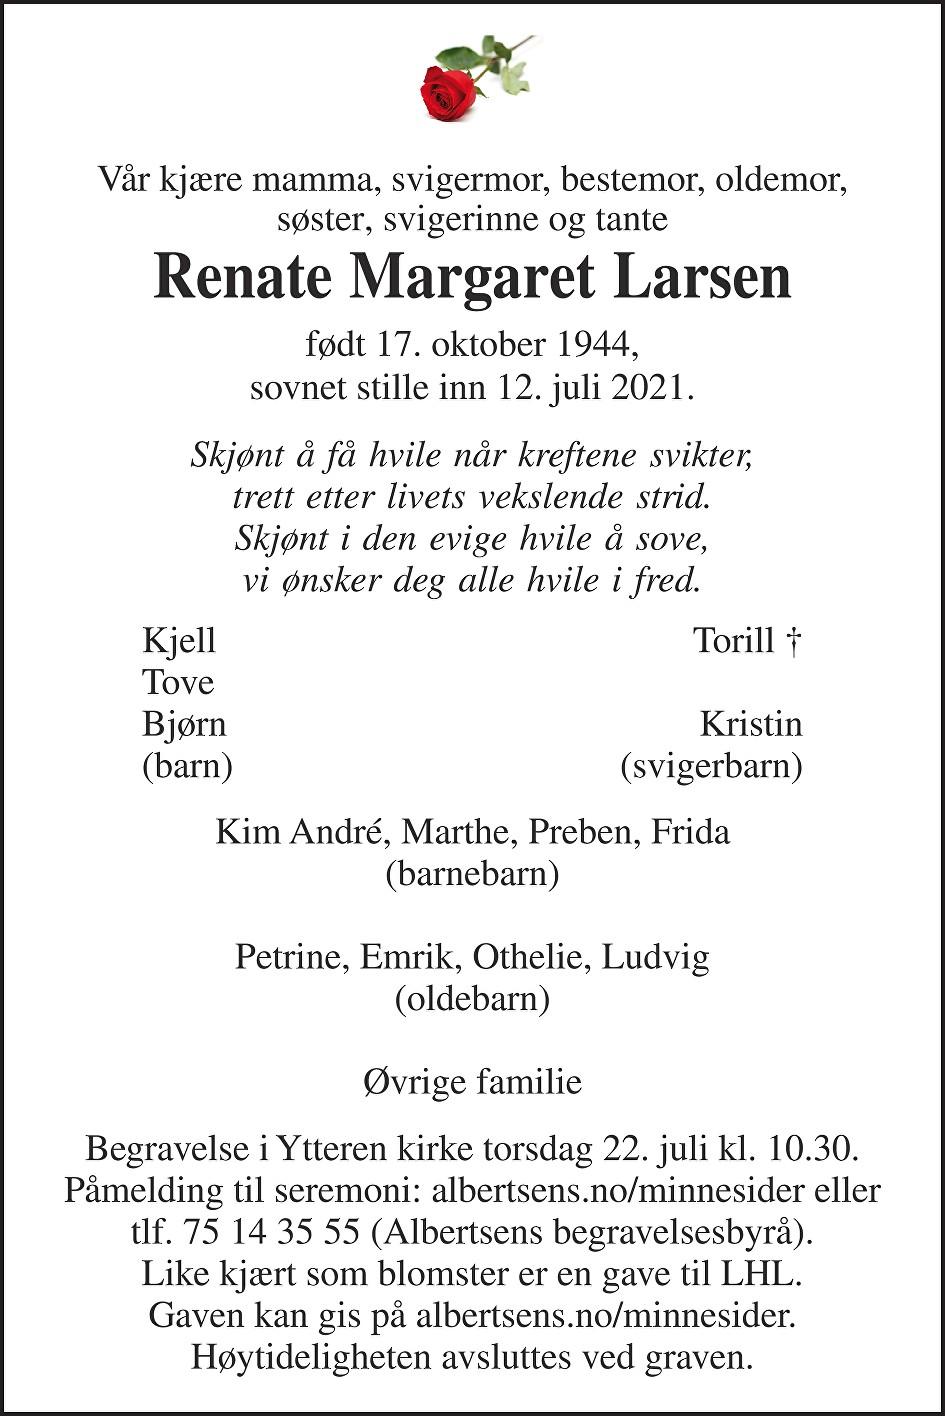 Renate Margaret Larsen Dødsannonse